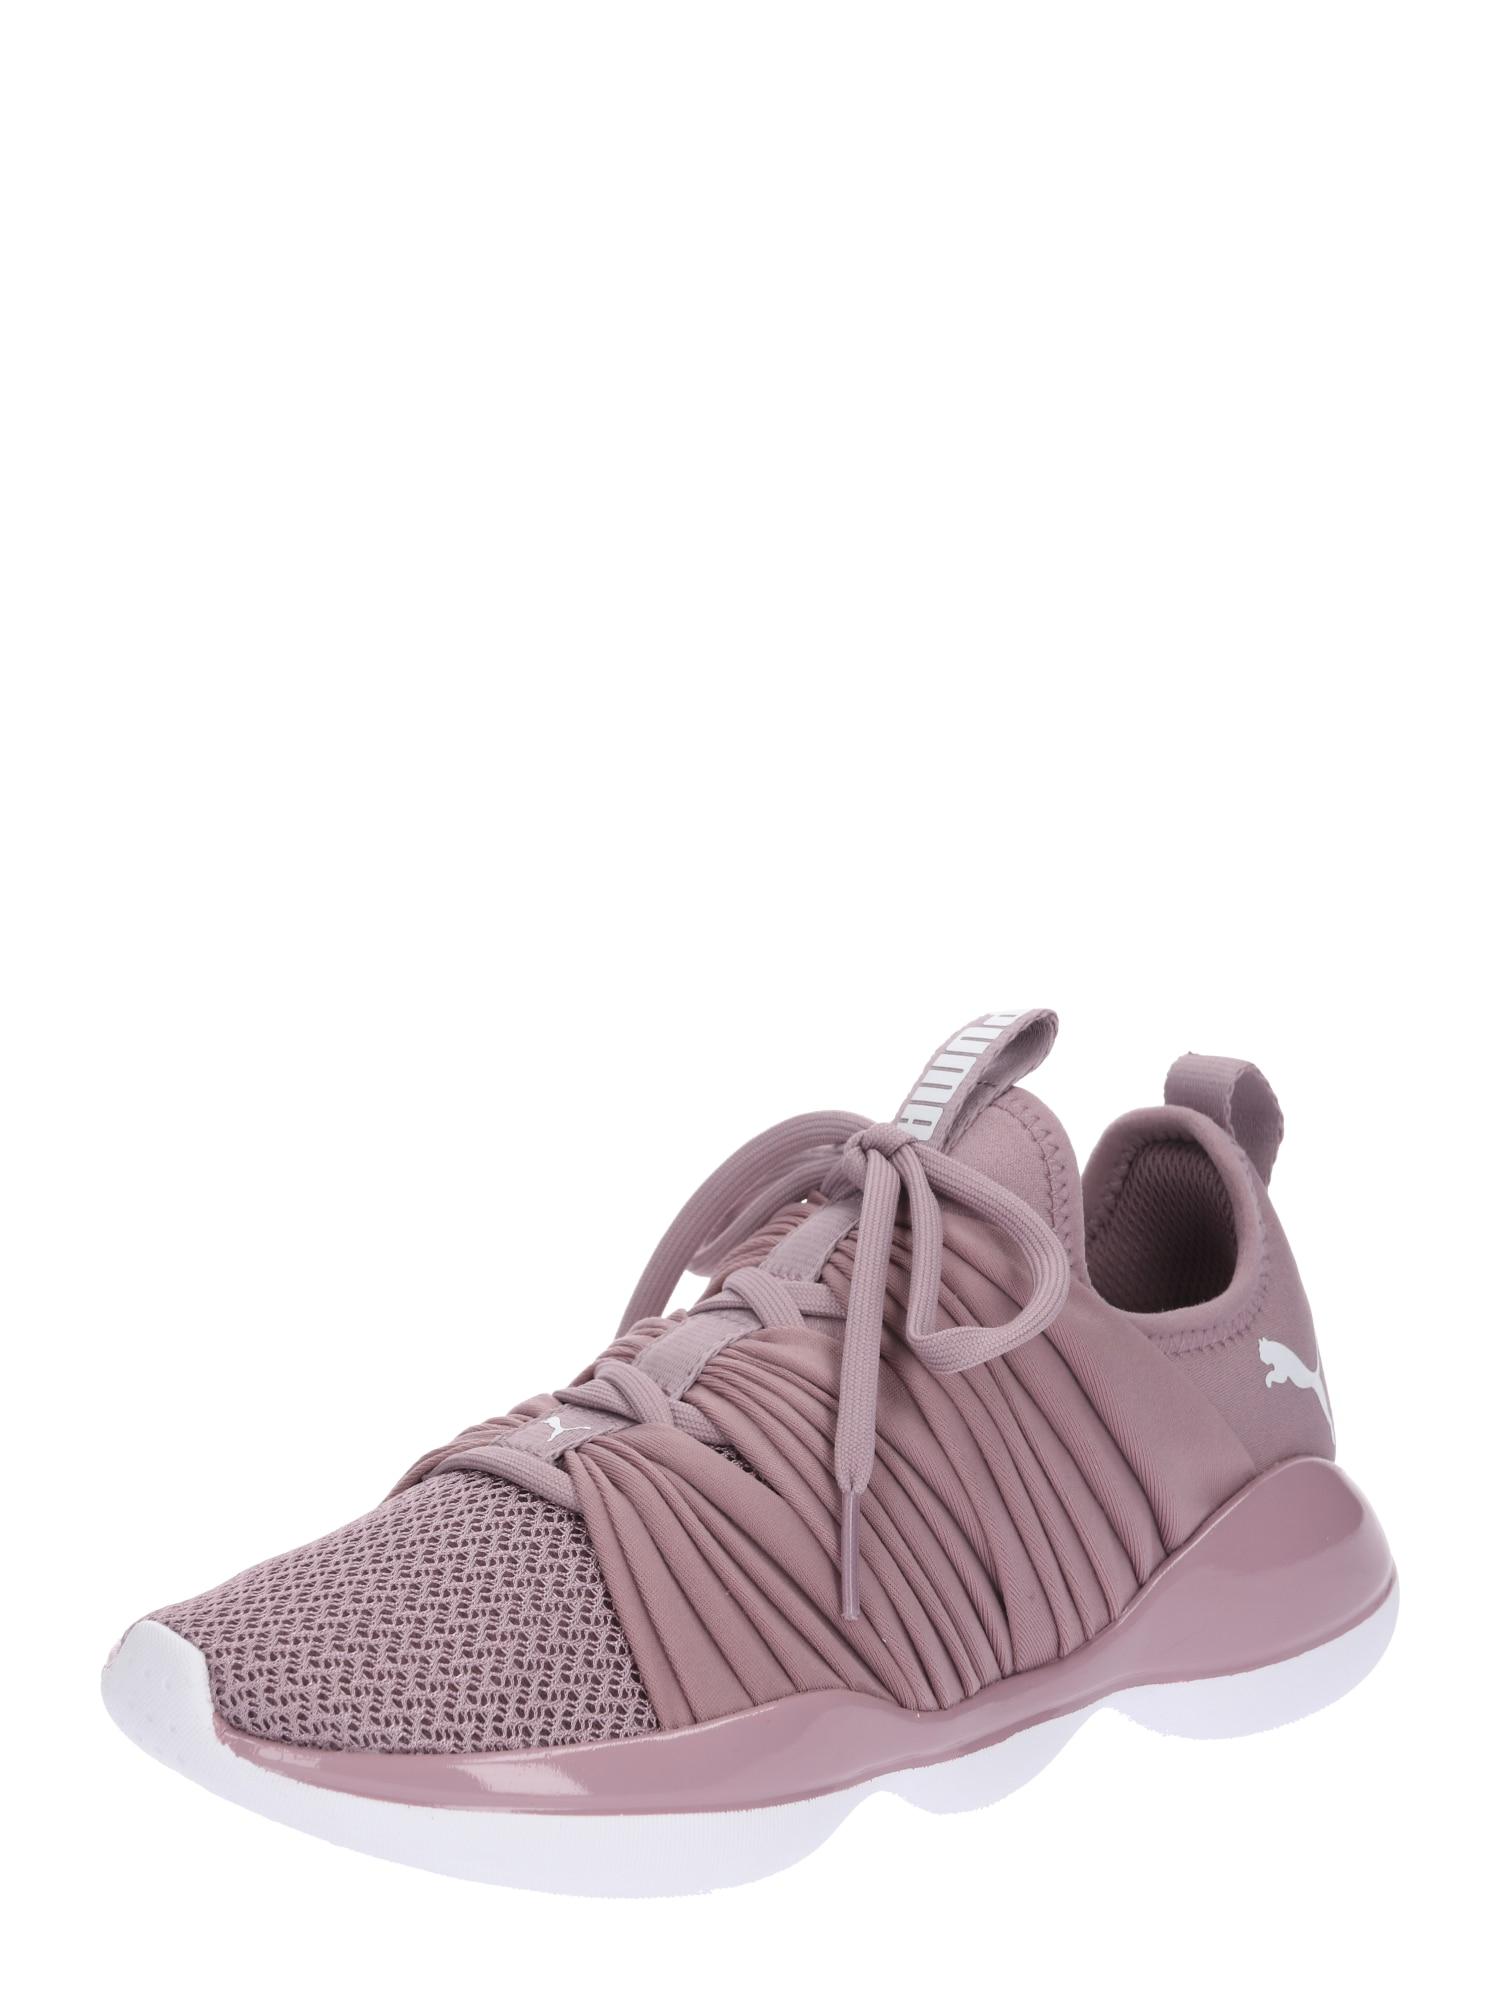 Sportovní boty Flourish fialová bílá PUMA